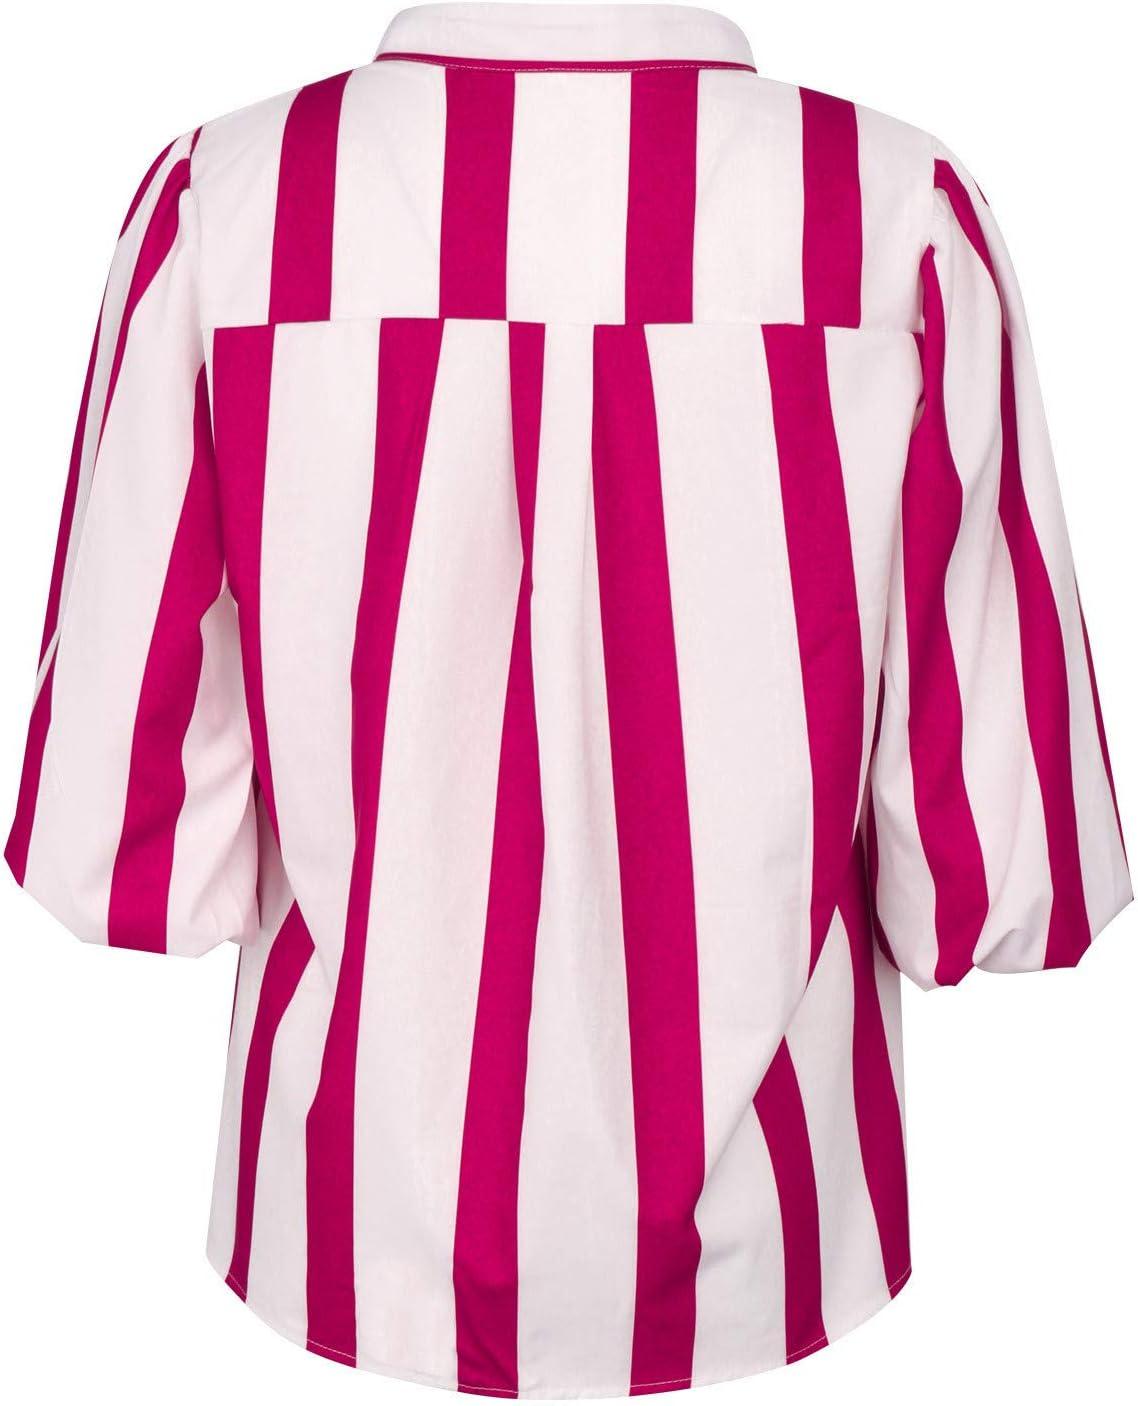 Gestreiftes Damen Longsleeve Shirt Hawkimin Bluse Elegant Langarm Oberteil Casual V-Ausschnitt Hemd Blusen Langarmshirts T-Shirt Tops Sweatshirt Langarmshirt Hemdbluse Tunika